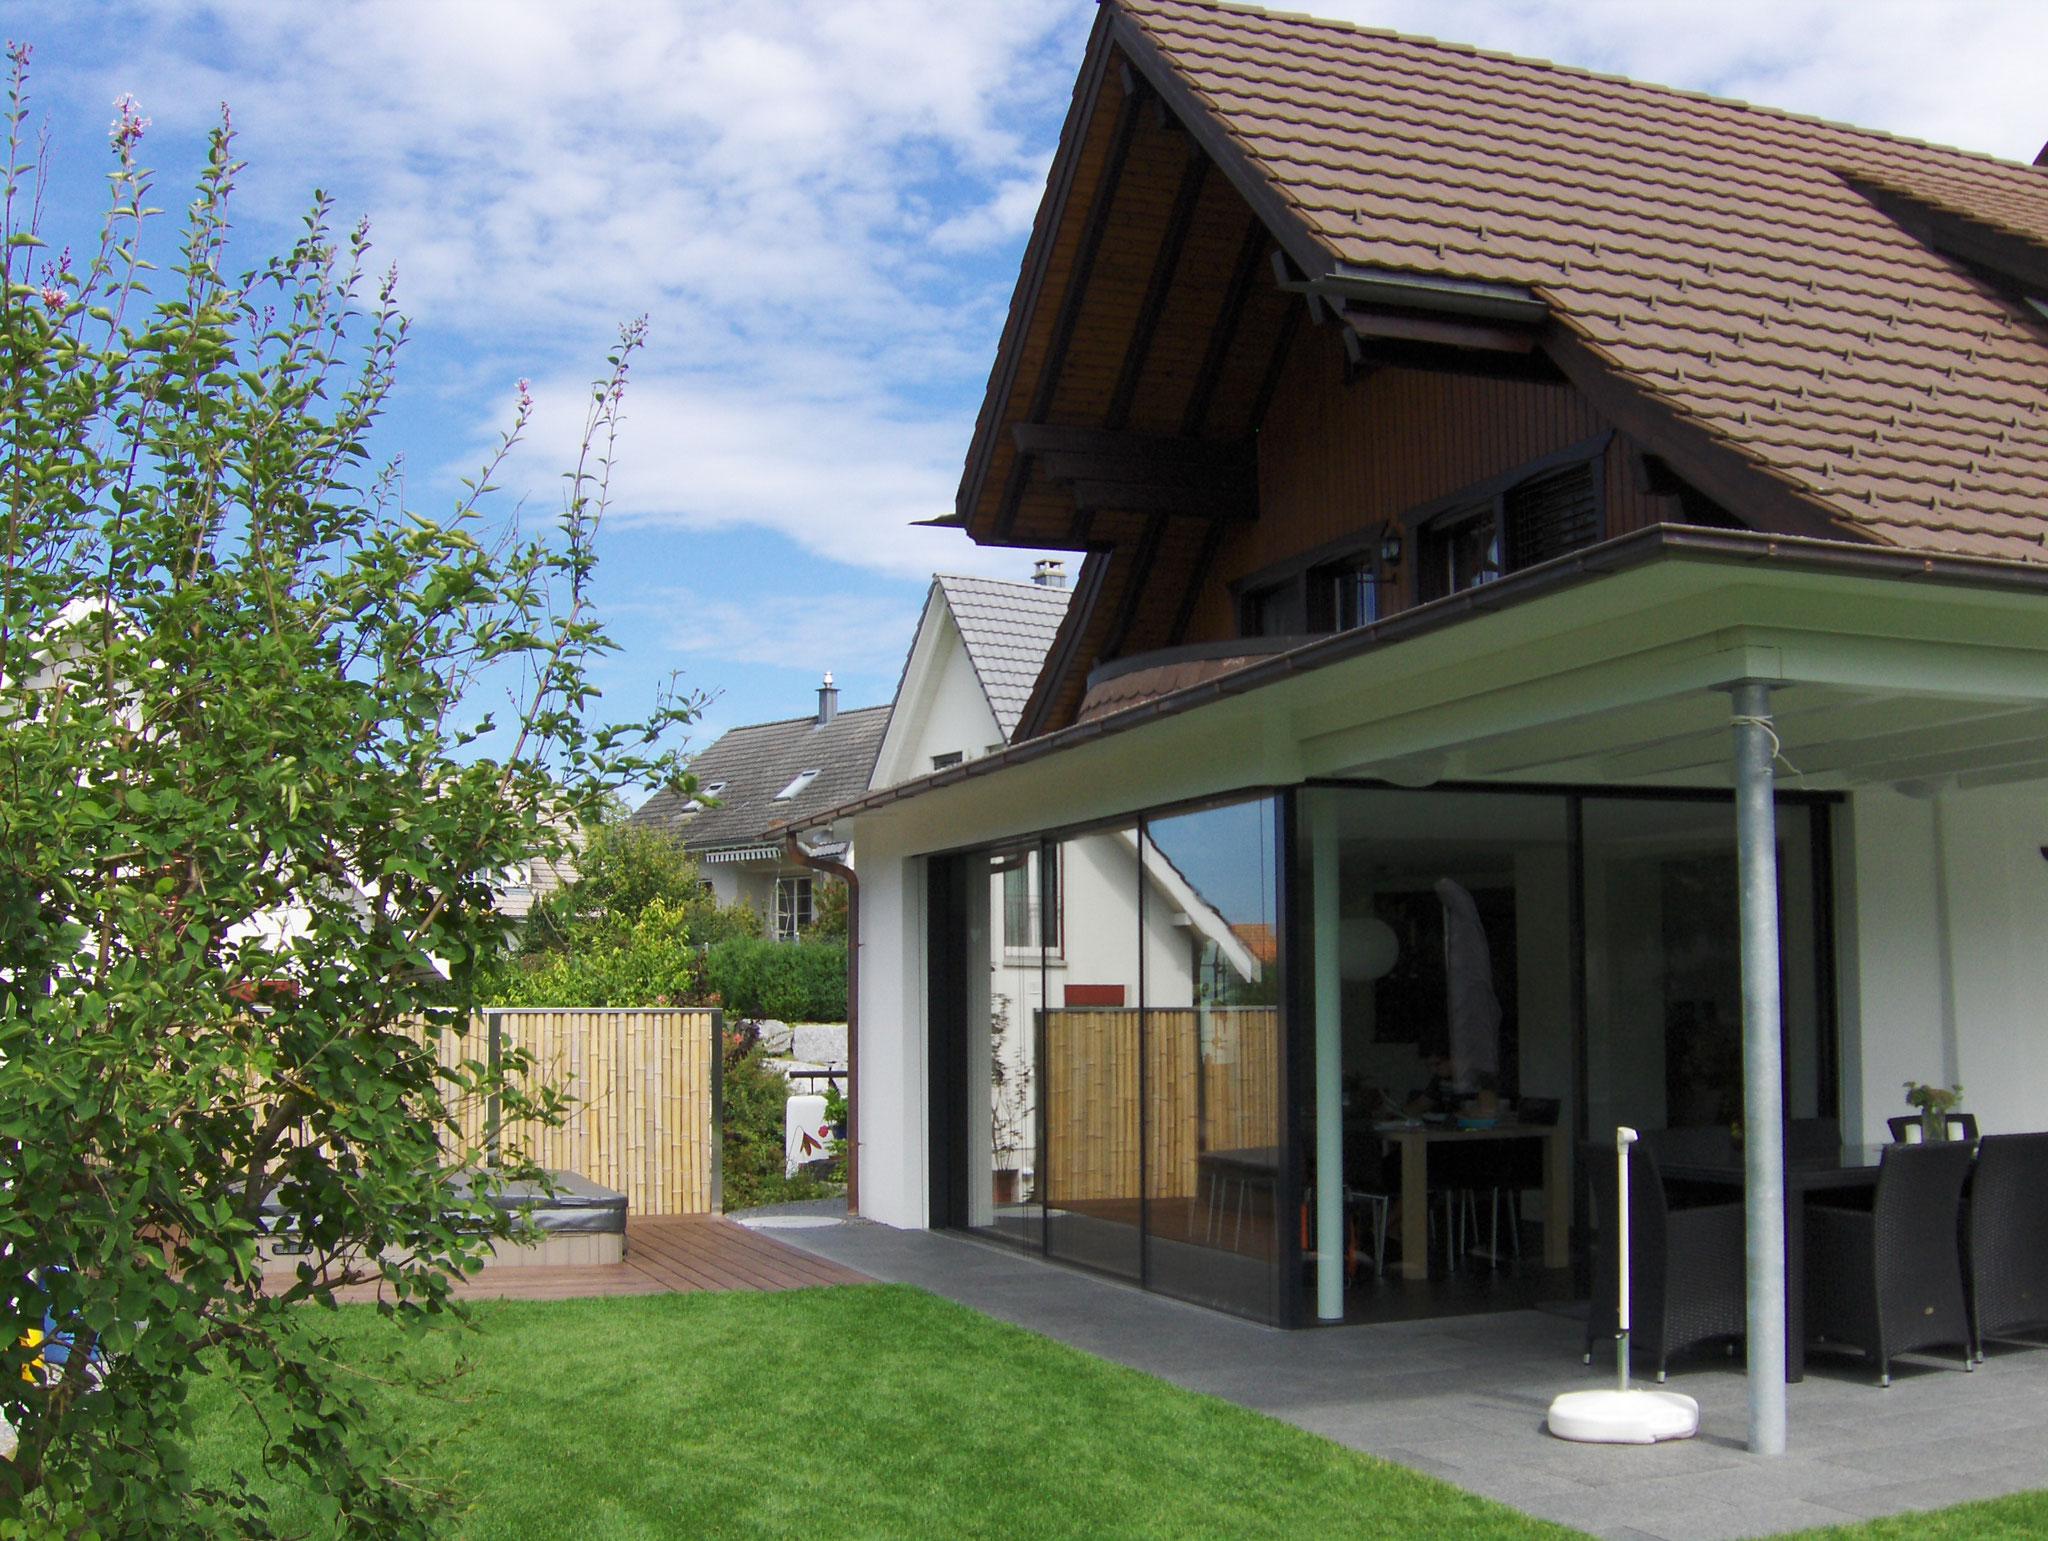 Wohnhauserweiterung, 8444 Henggart/ZH